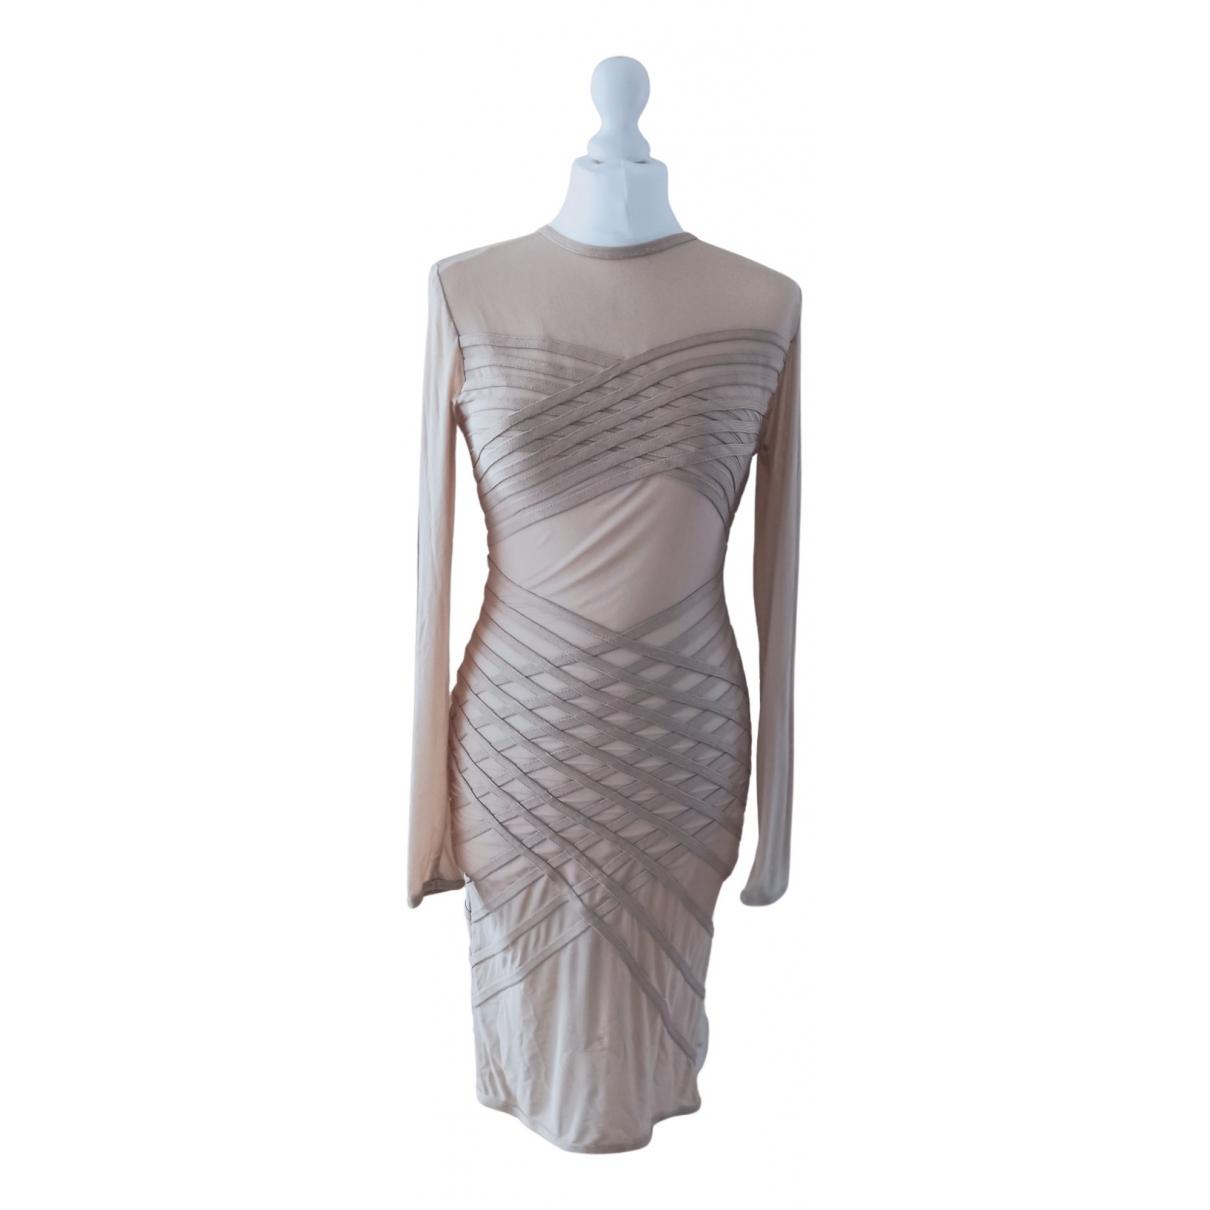 House Of Cb \N Kleid in  Beige Synthetik